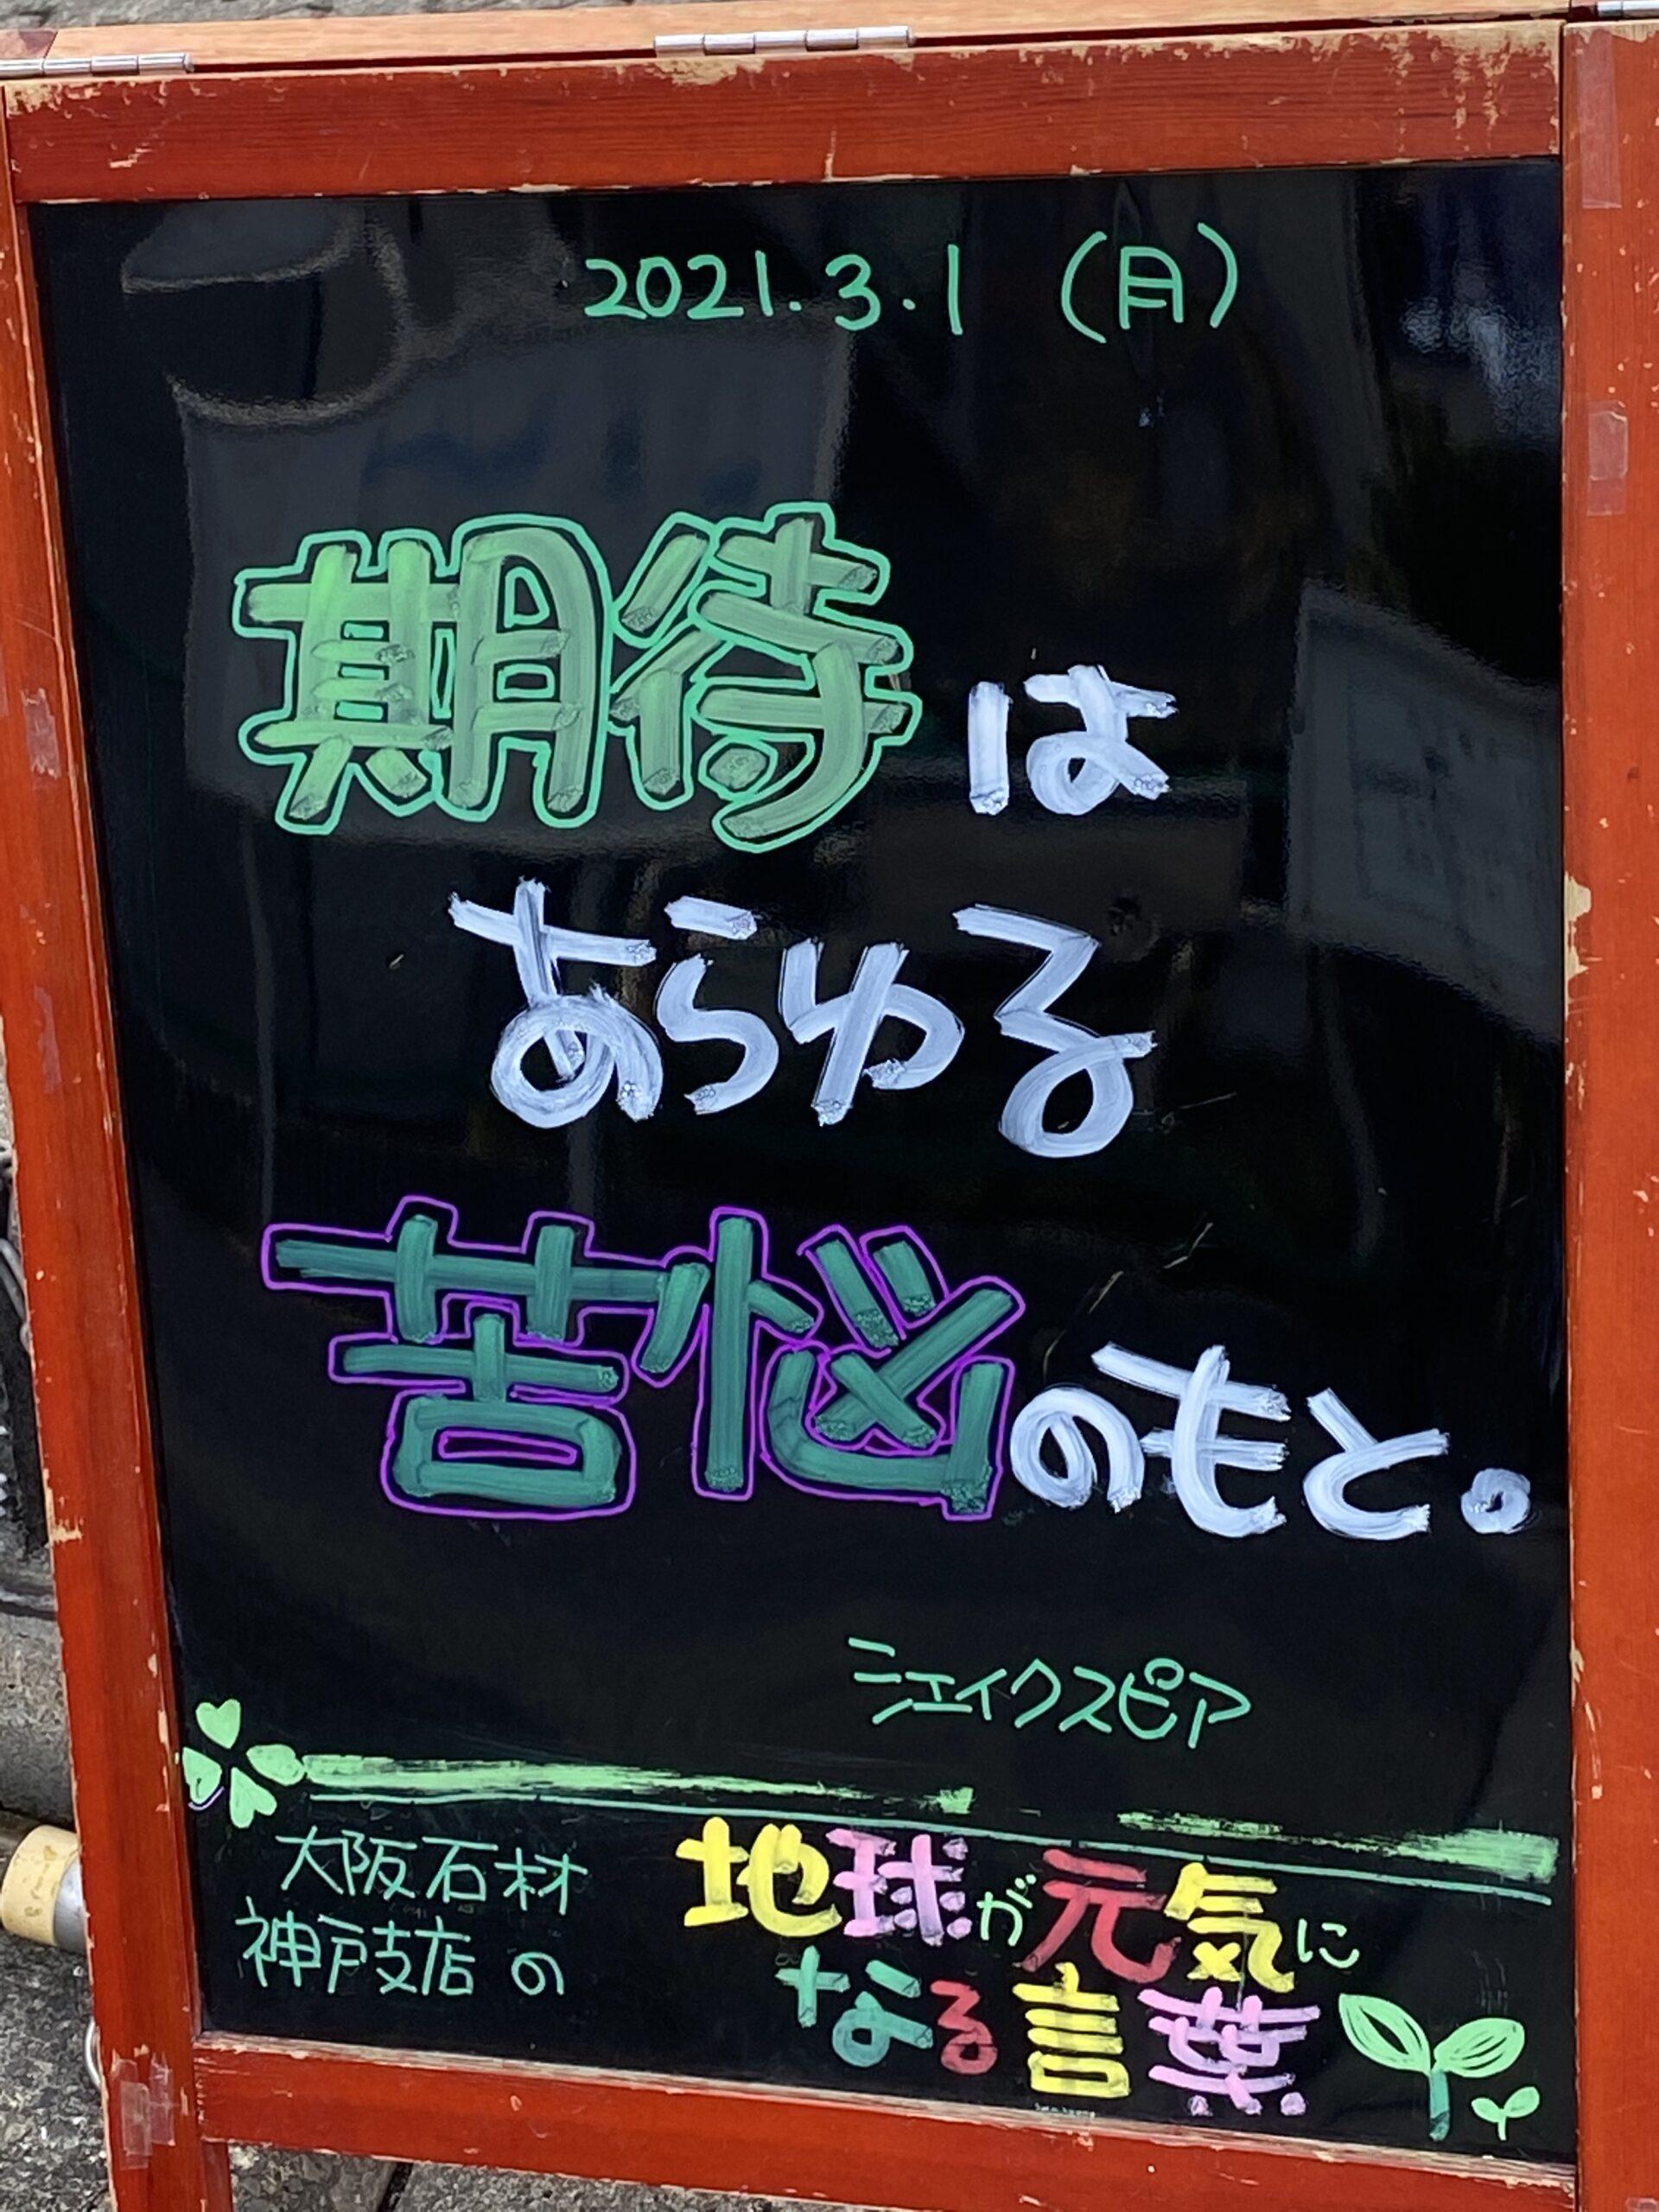 神戸の墓石店「地球が元気になる言葉」の写真 2021年3月1日